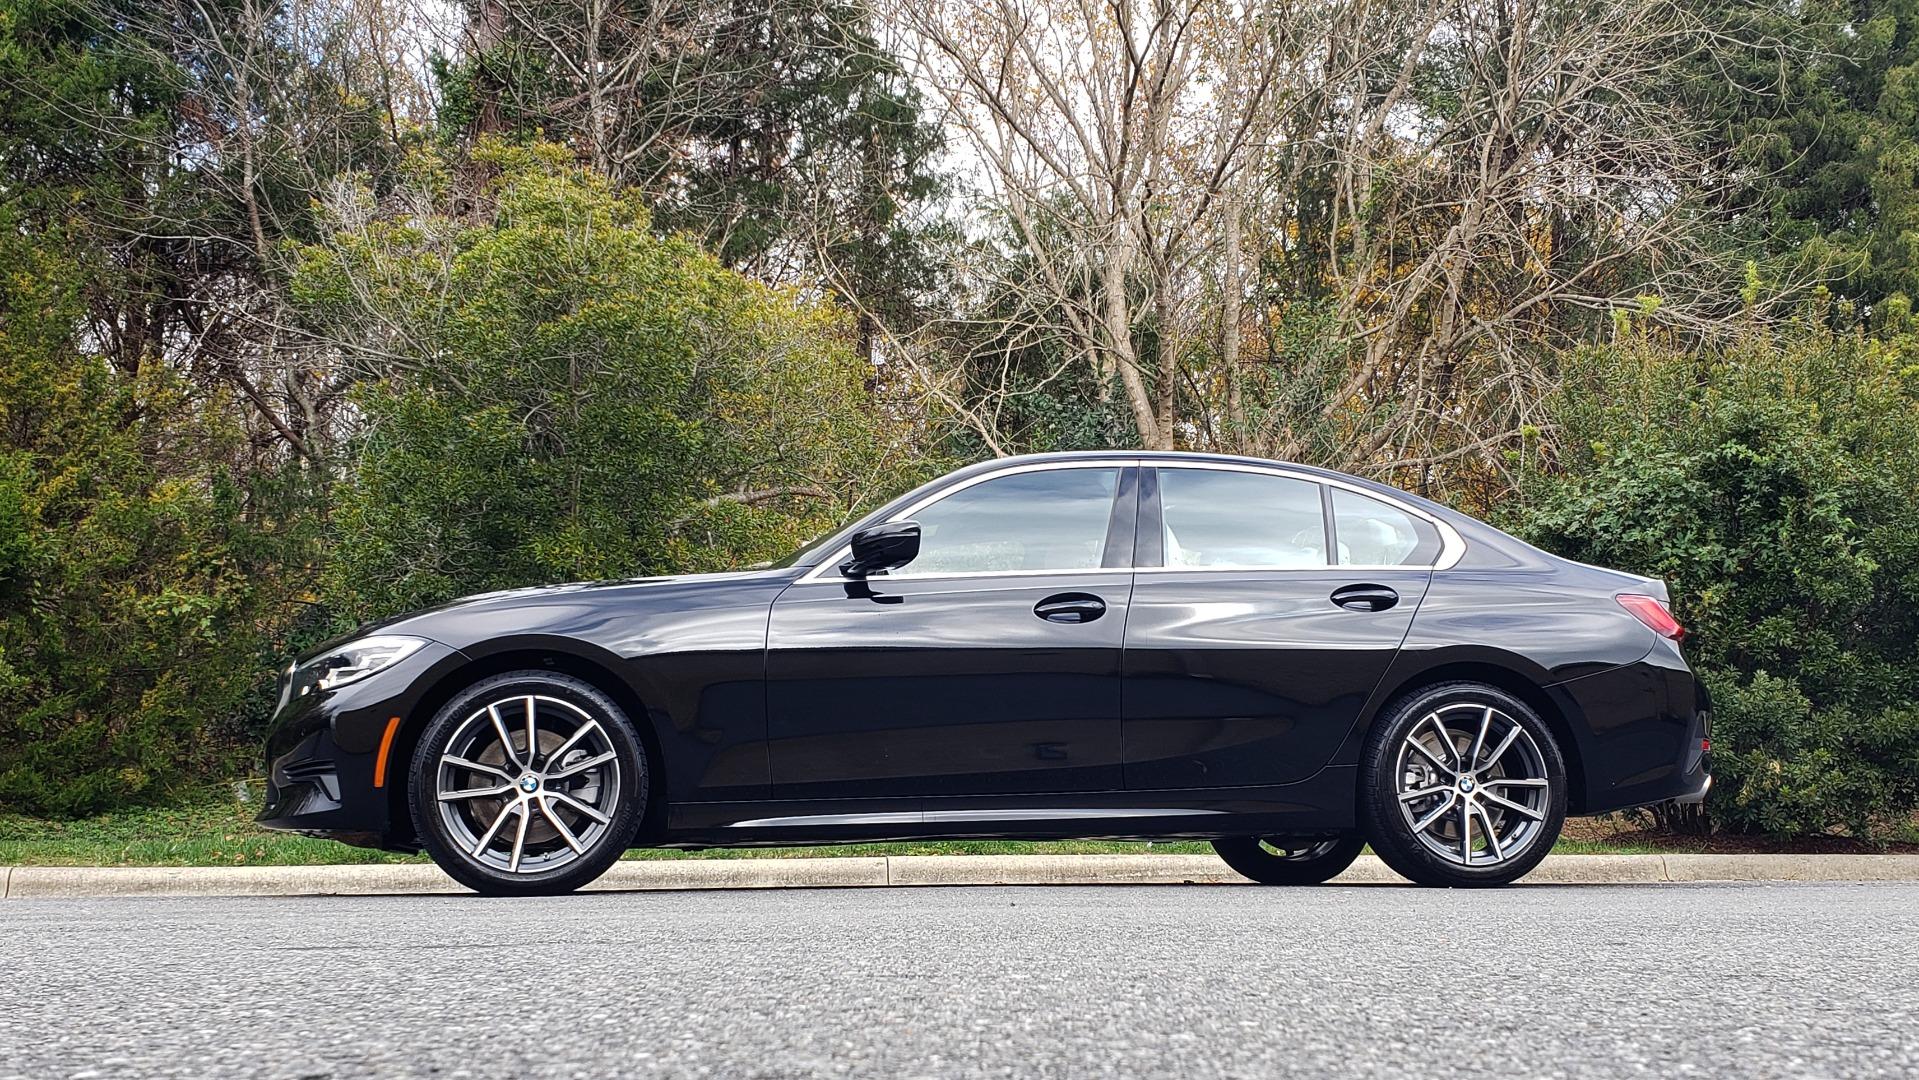 Used 2019 BMW 3 SERIES 330I PREM PKG / NAV / CONV PKG / H&K SND / LIVE COCKPIT PRO for sale Sold at Formula Imports in Charlotte NC 28227 3